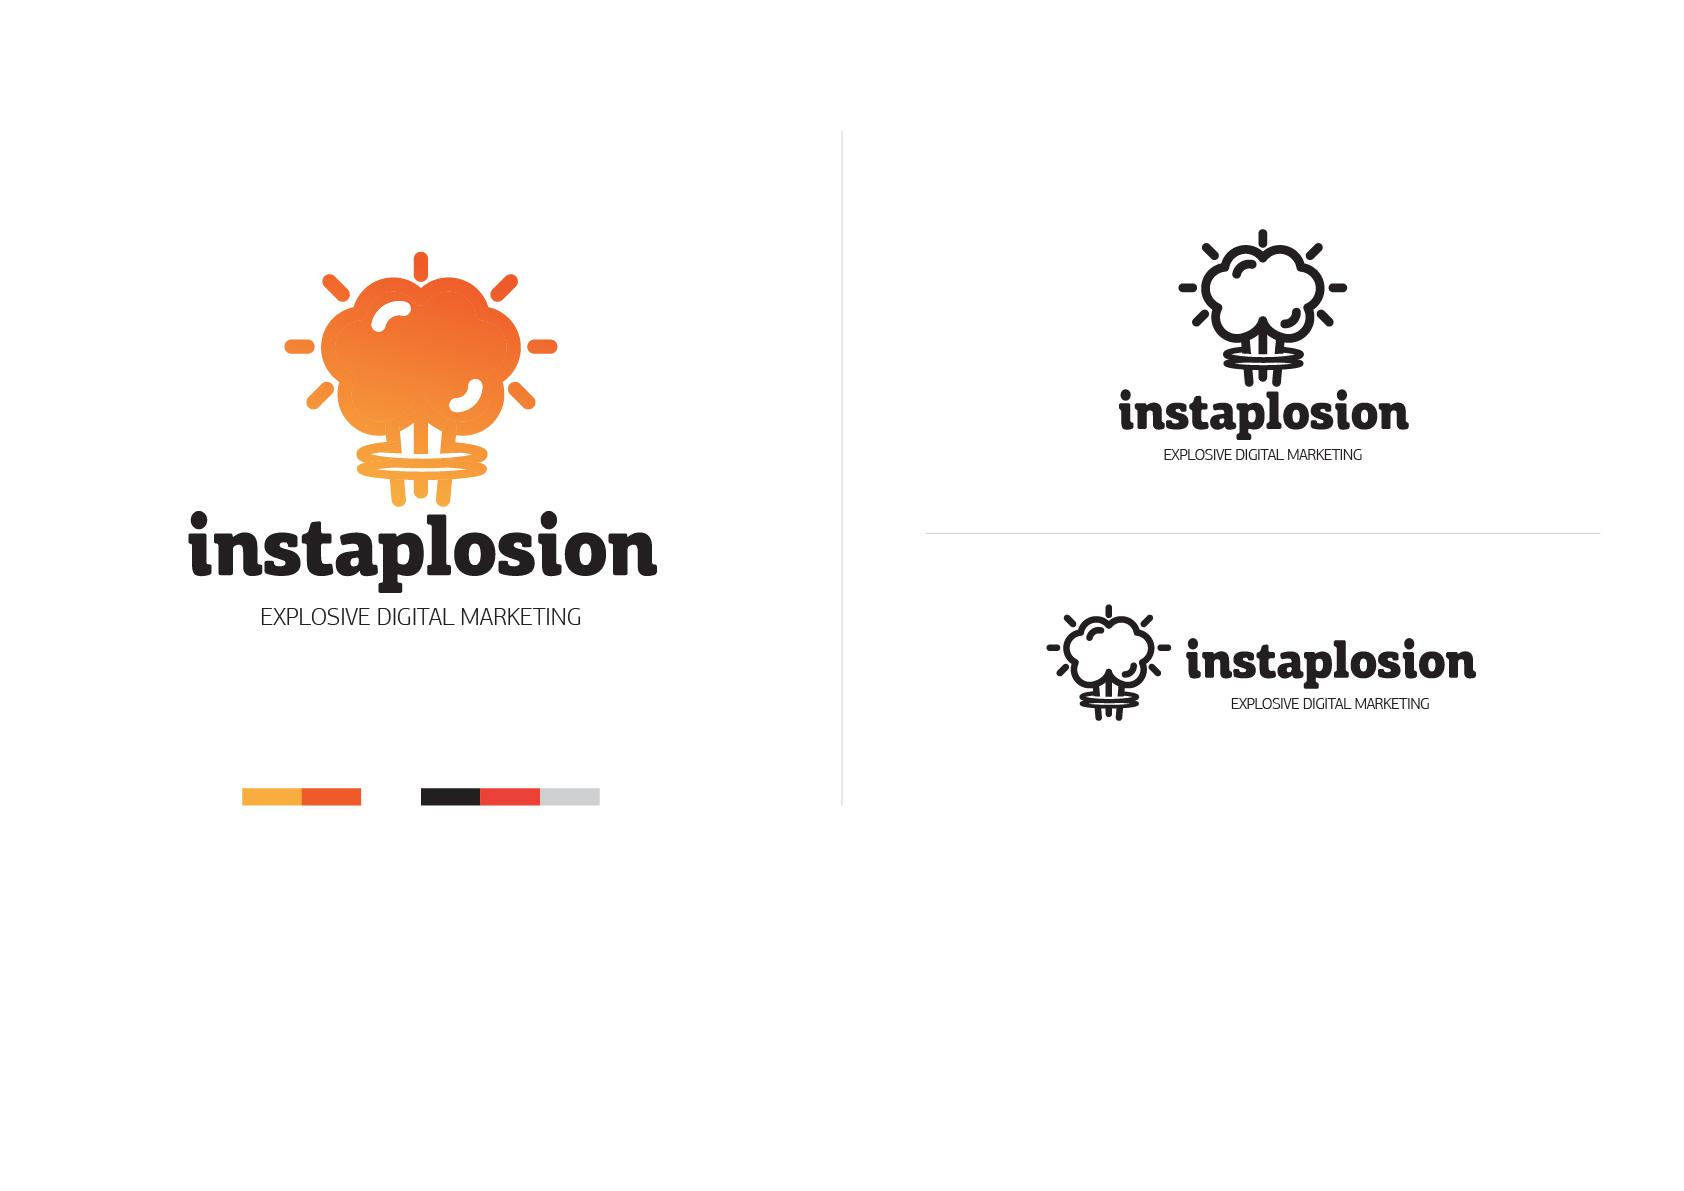 instaplosion-01